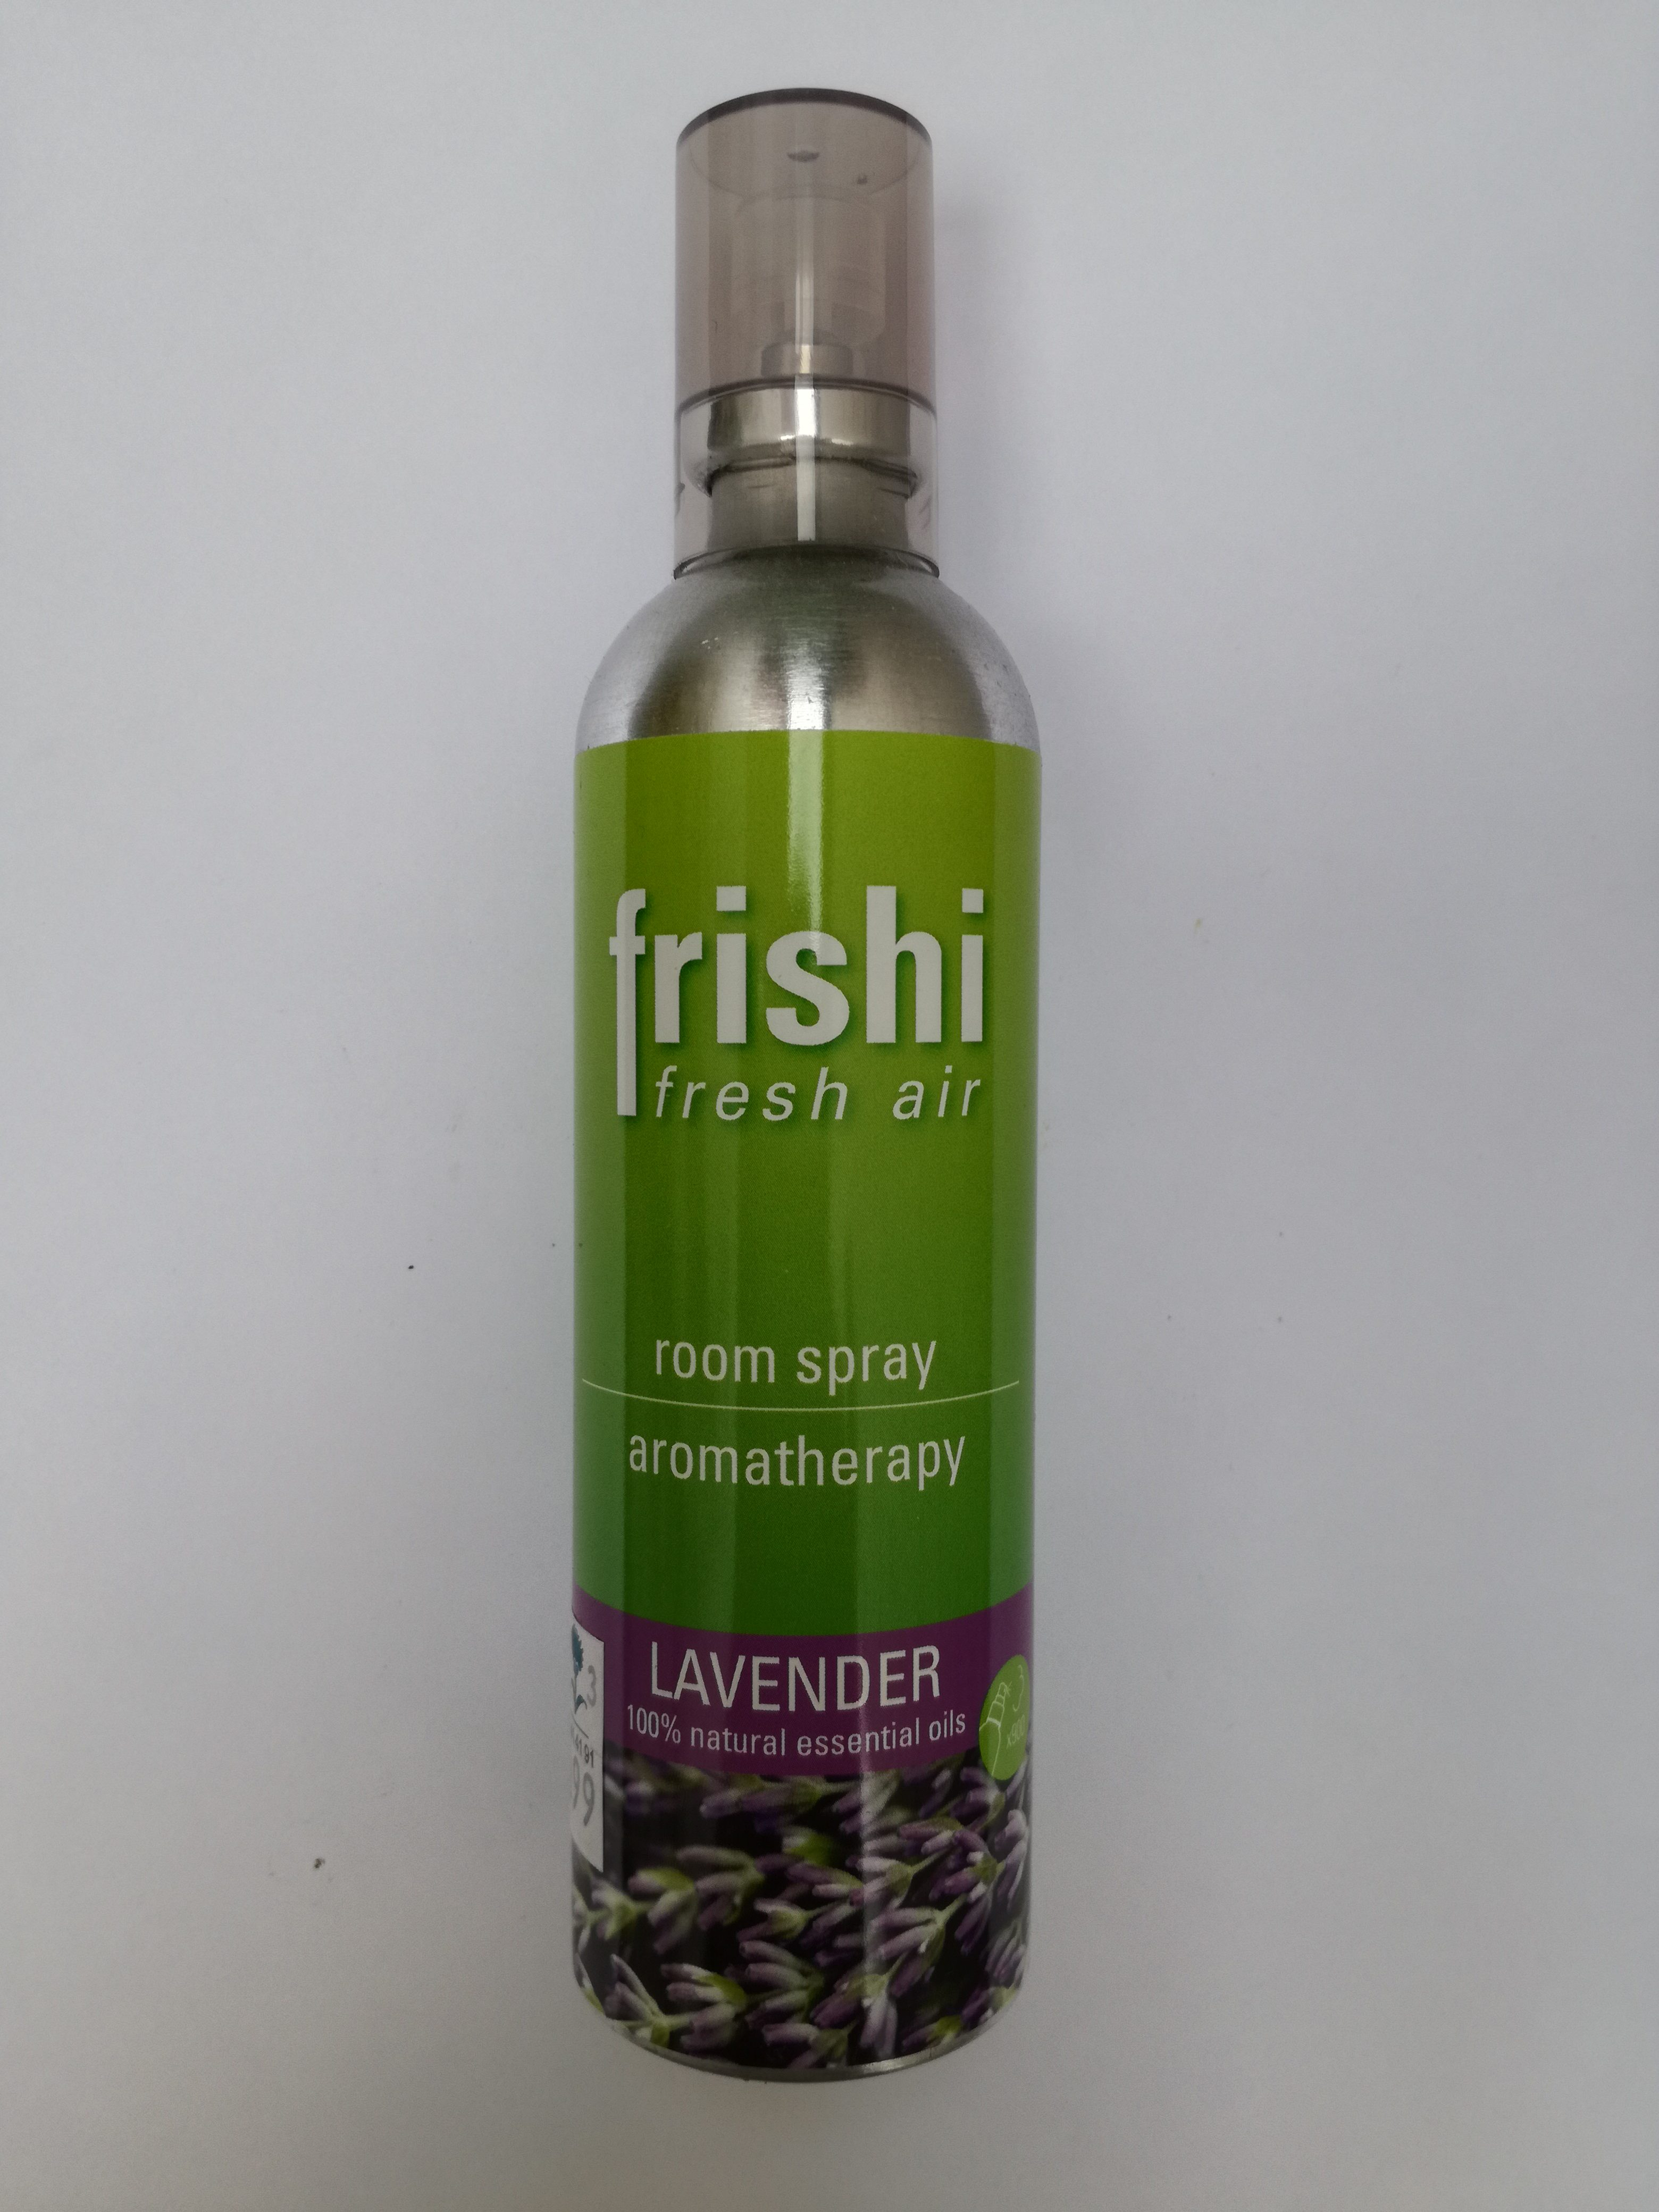 frishi lavendel luchtverfrisser